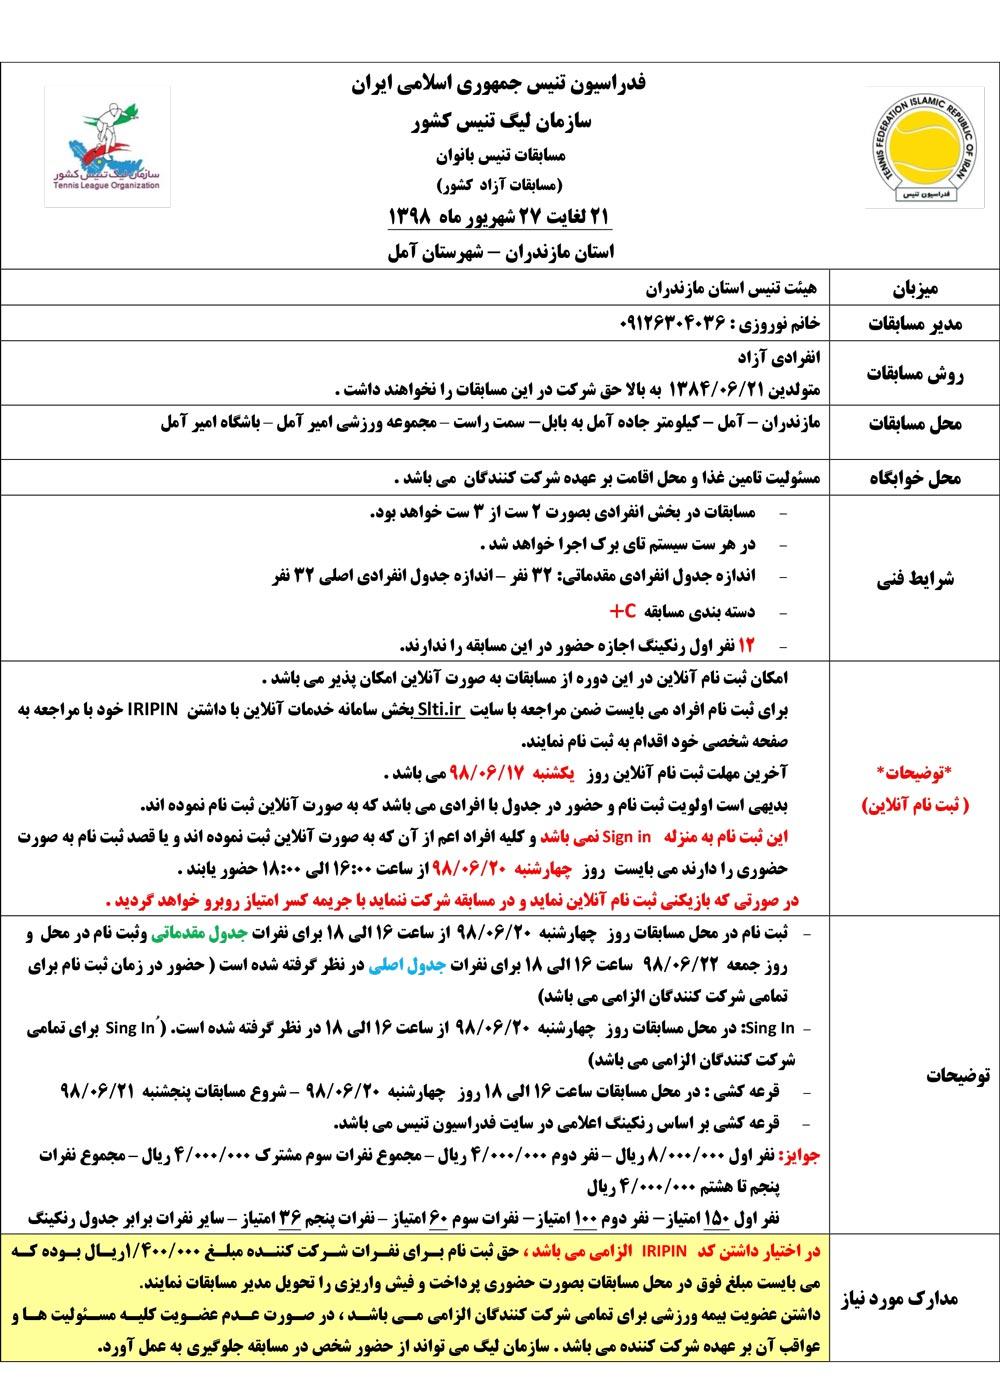 مسابقات تنیس آزاد بانوان مازندران